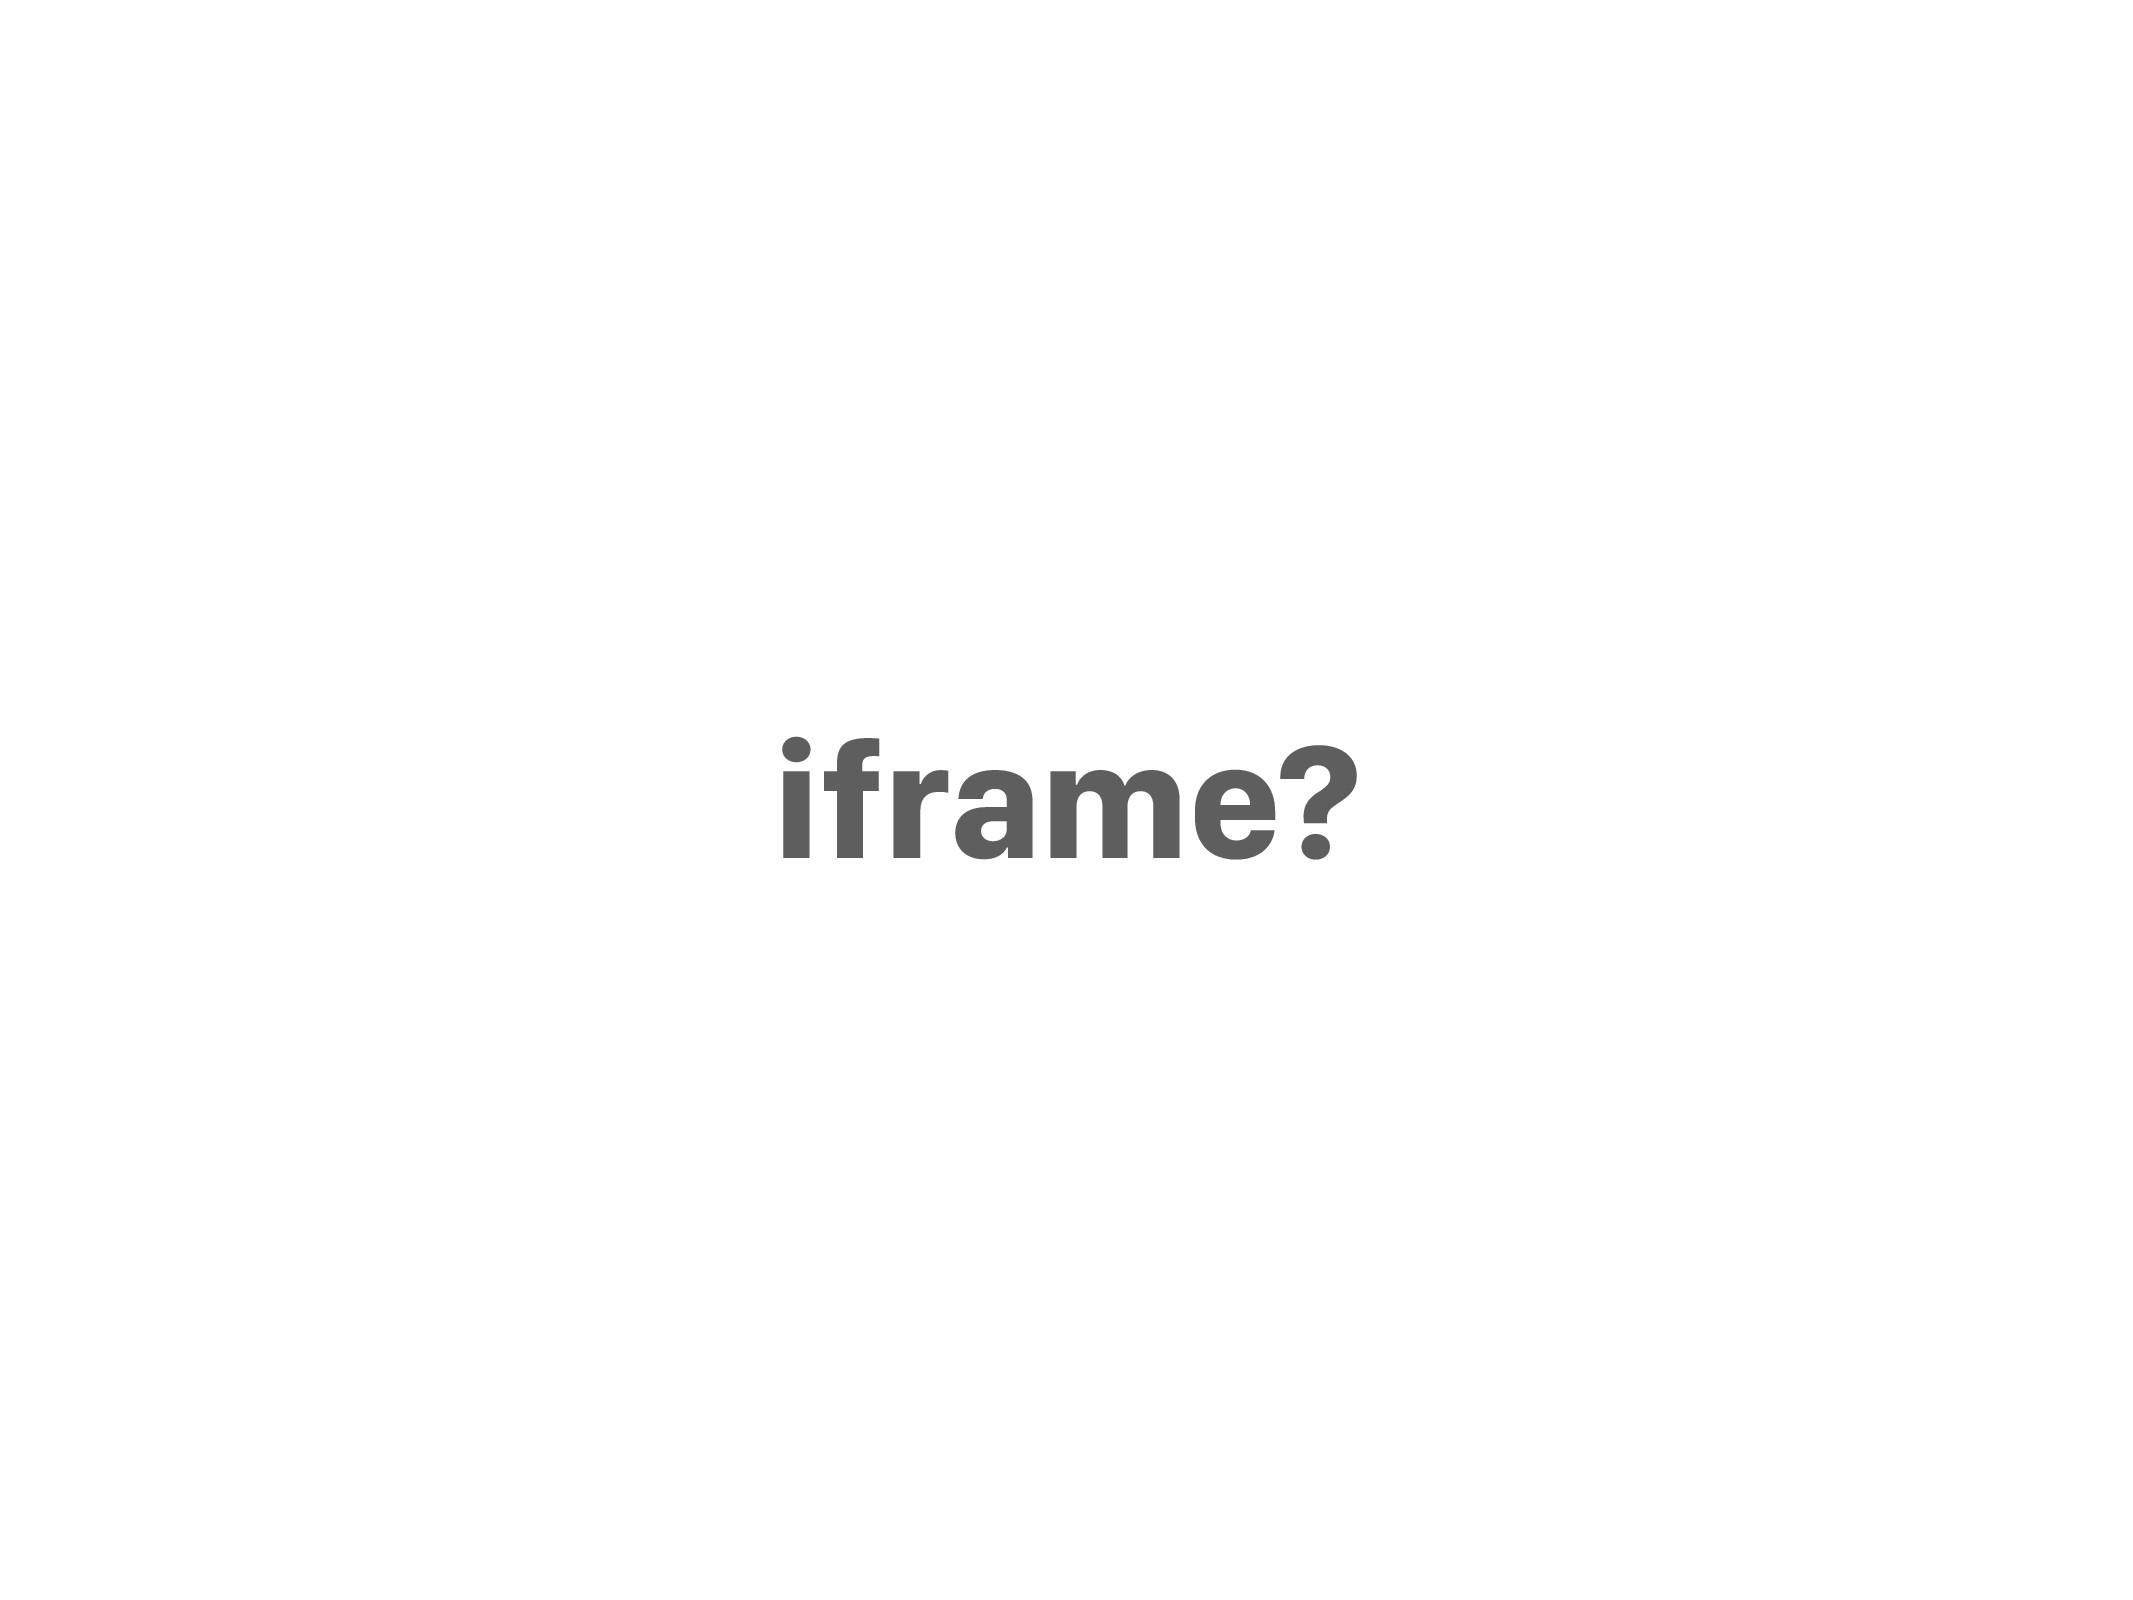 iframe?